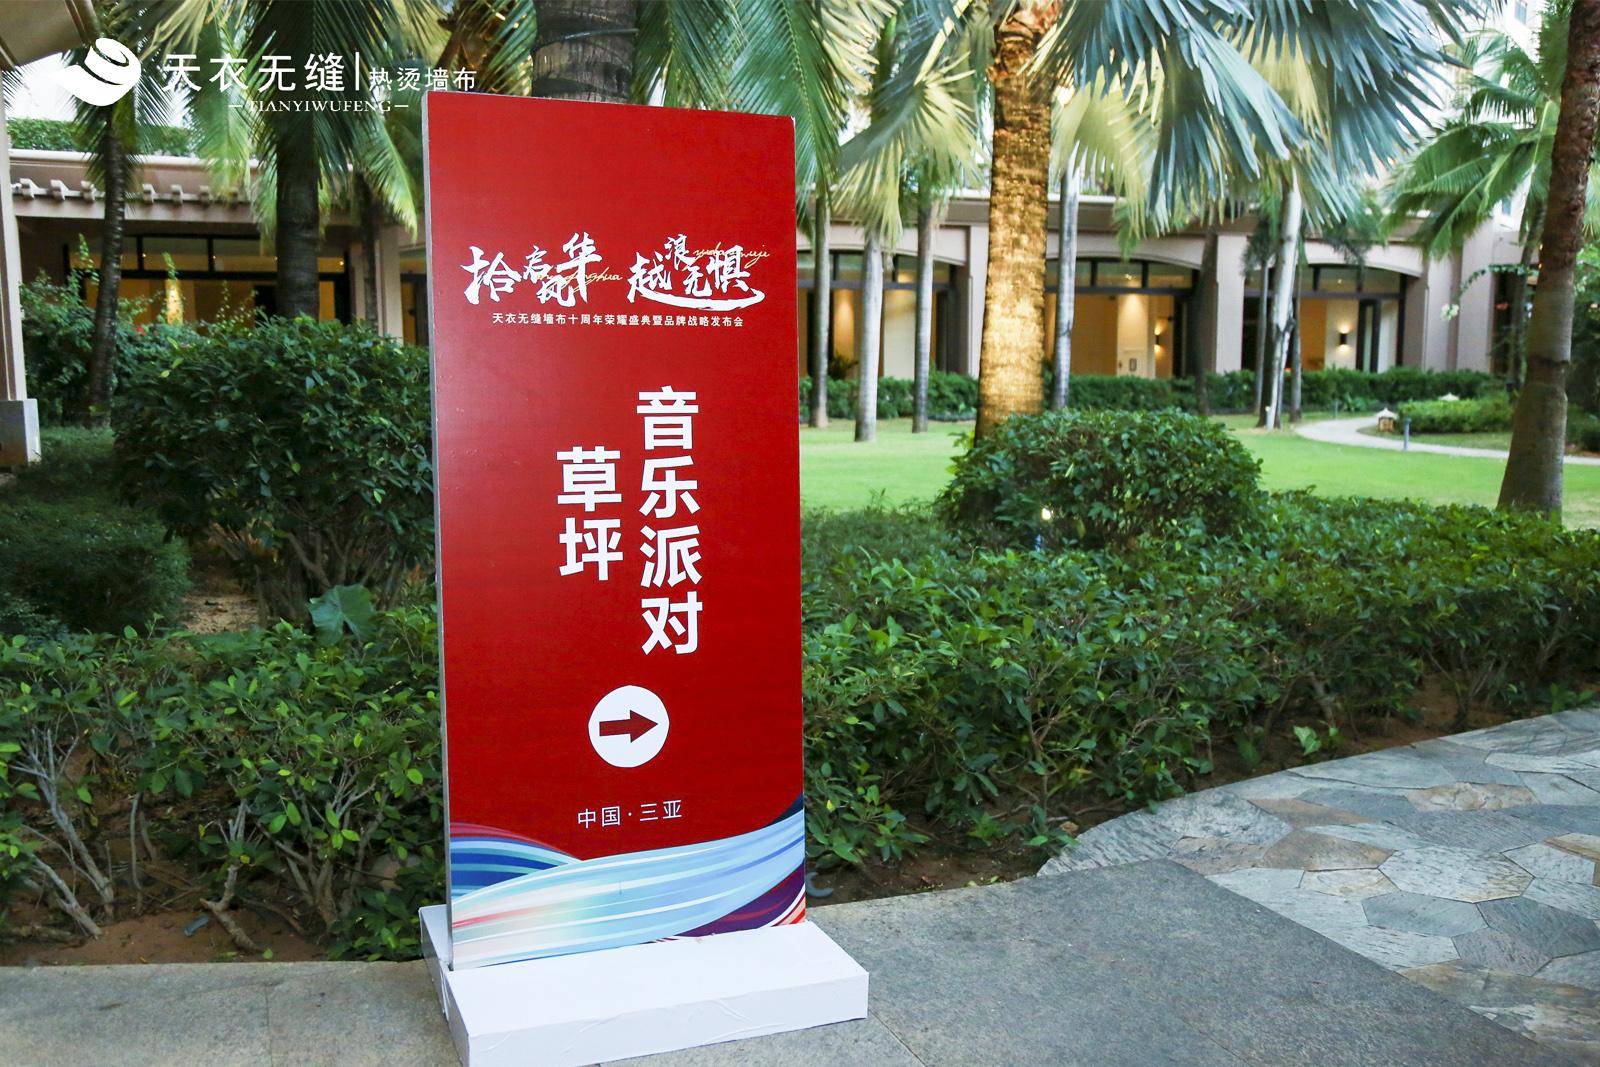 天衣无缝墙布十周年荣耀盛典暨品牌战略发布会 经销商年会-28